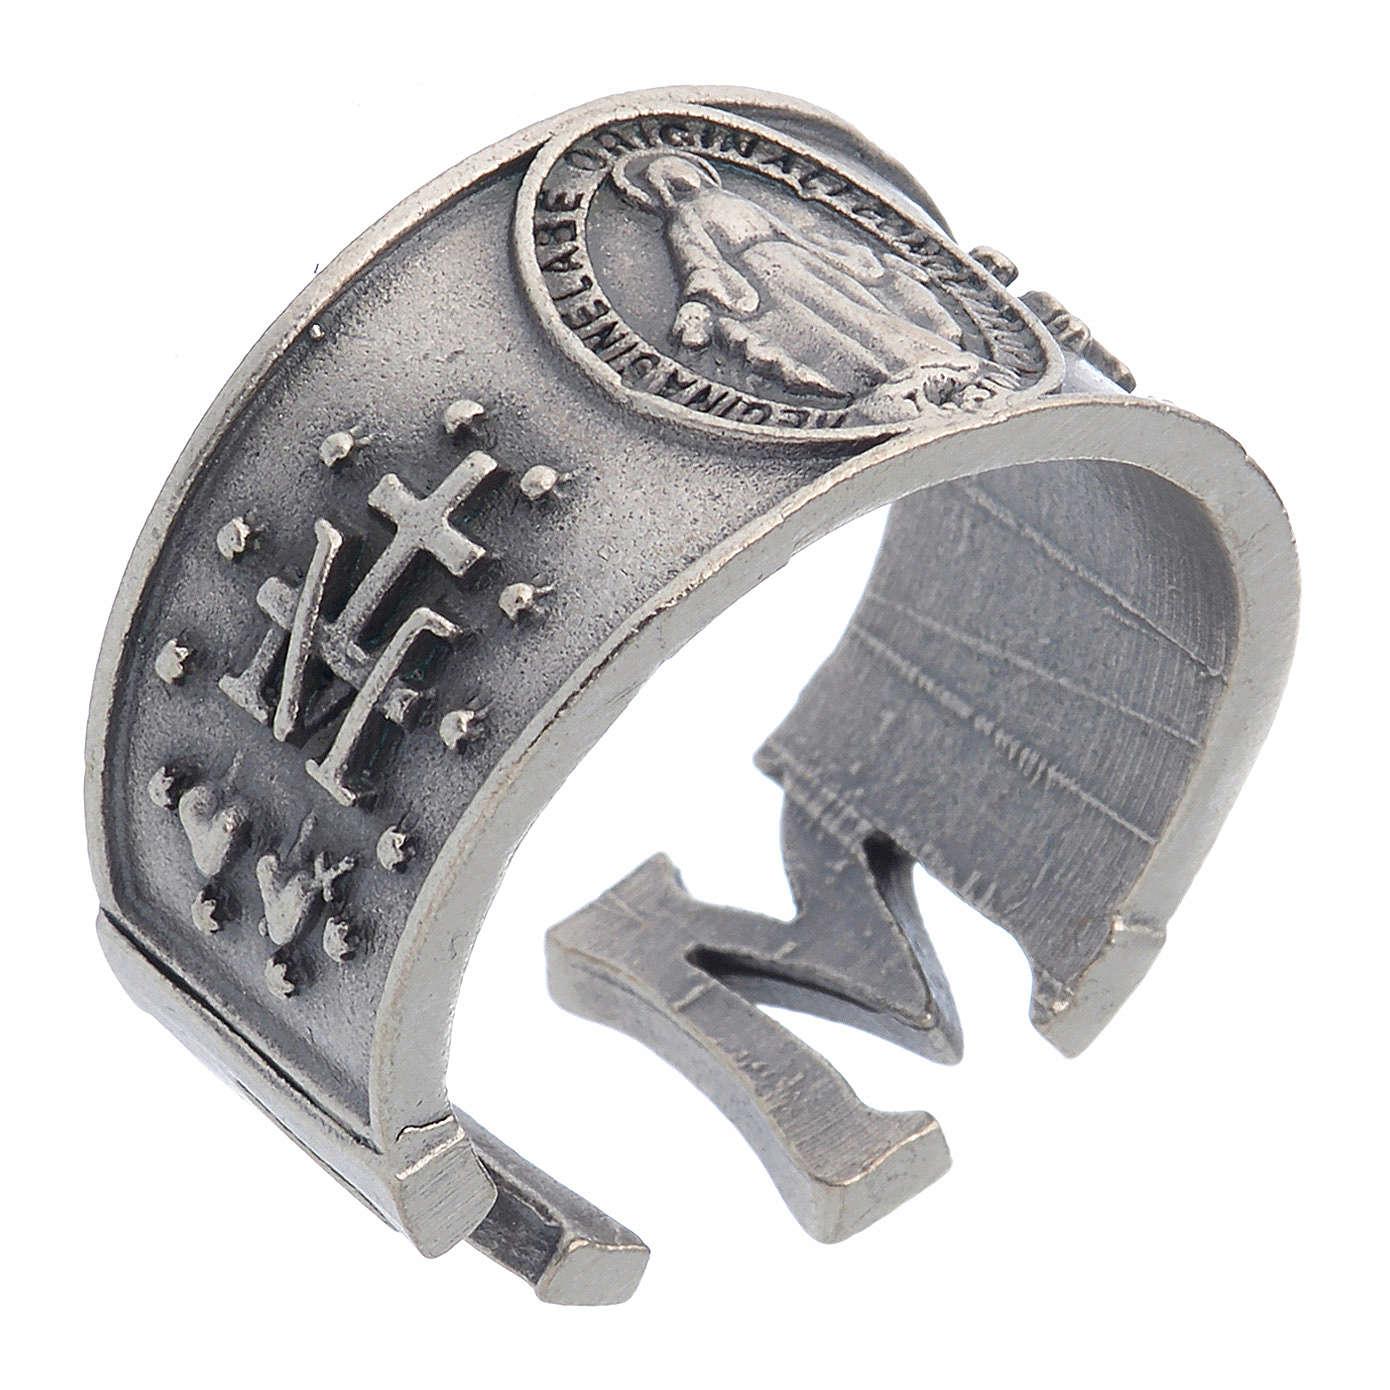 Anillo Medalla Milagrosa zamak 3